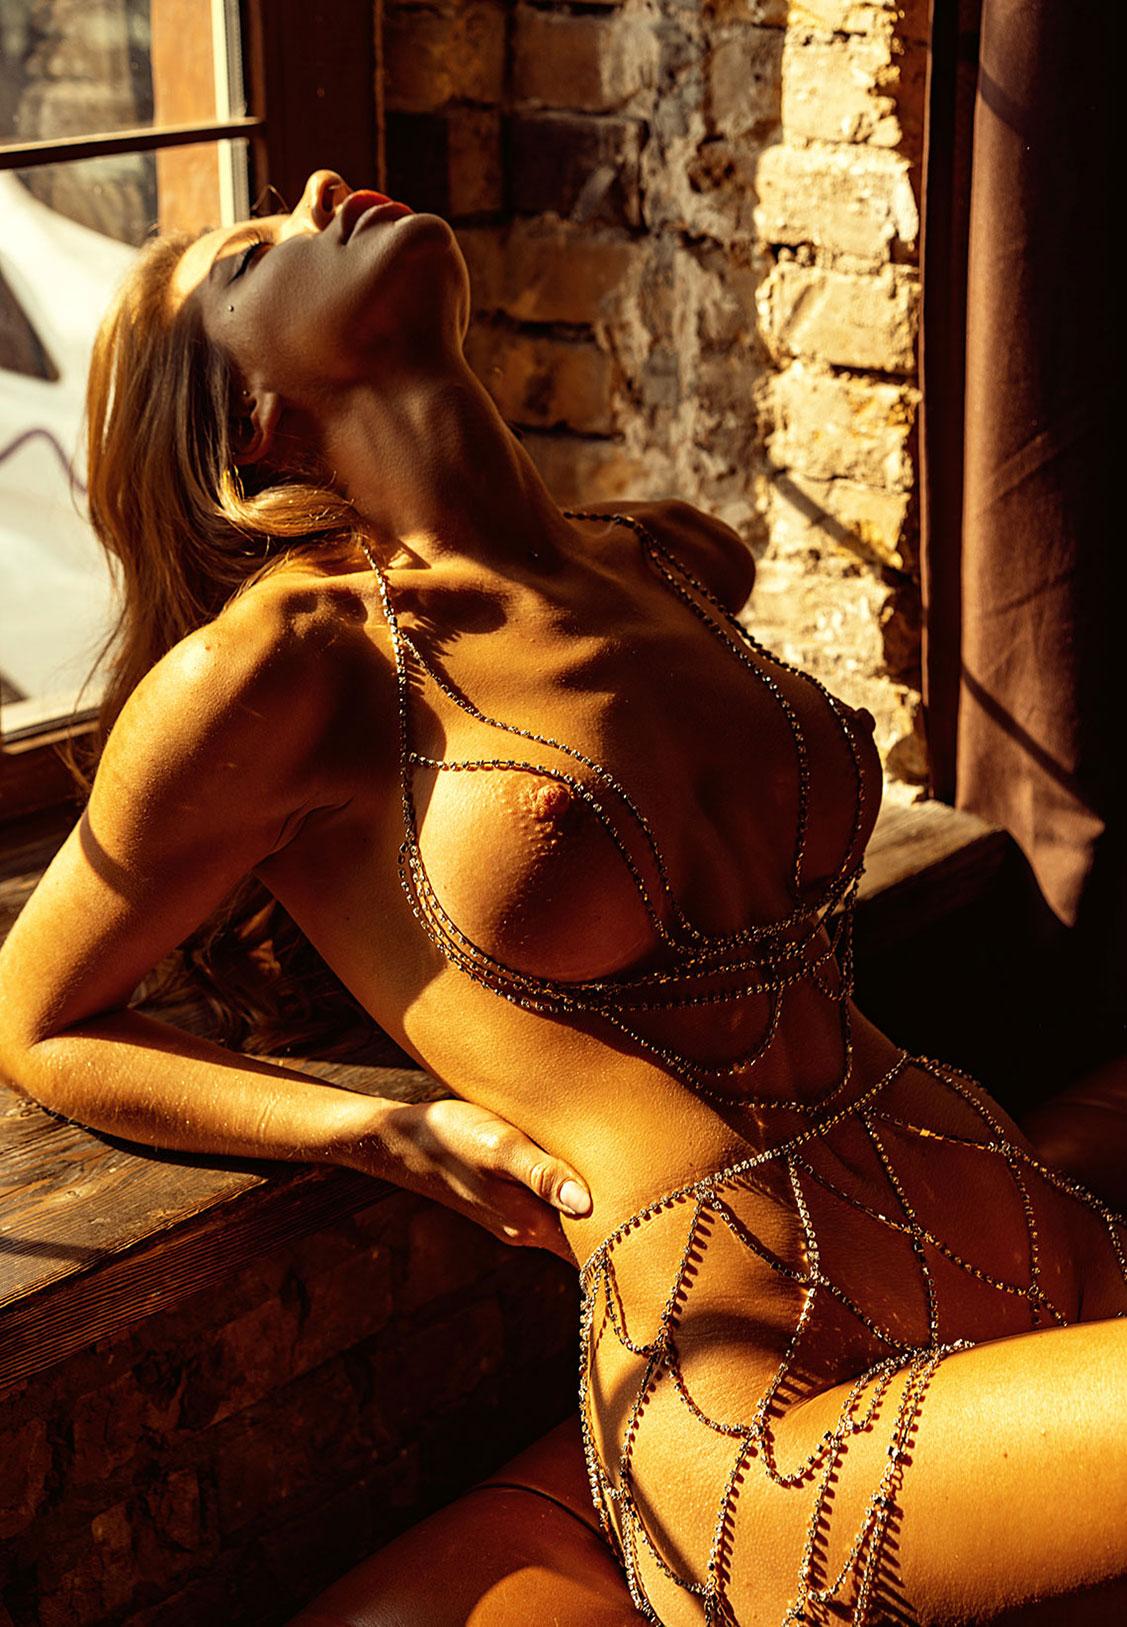 Сексуальная голая девушка в драгоценных цепях / фото 06